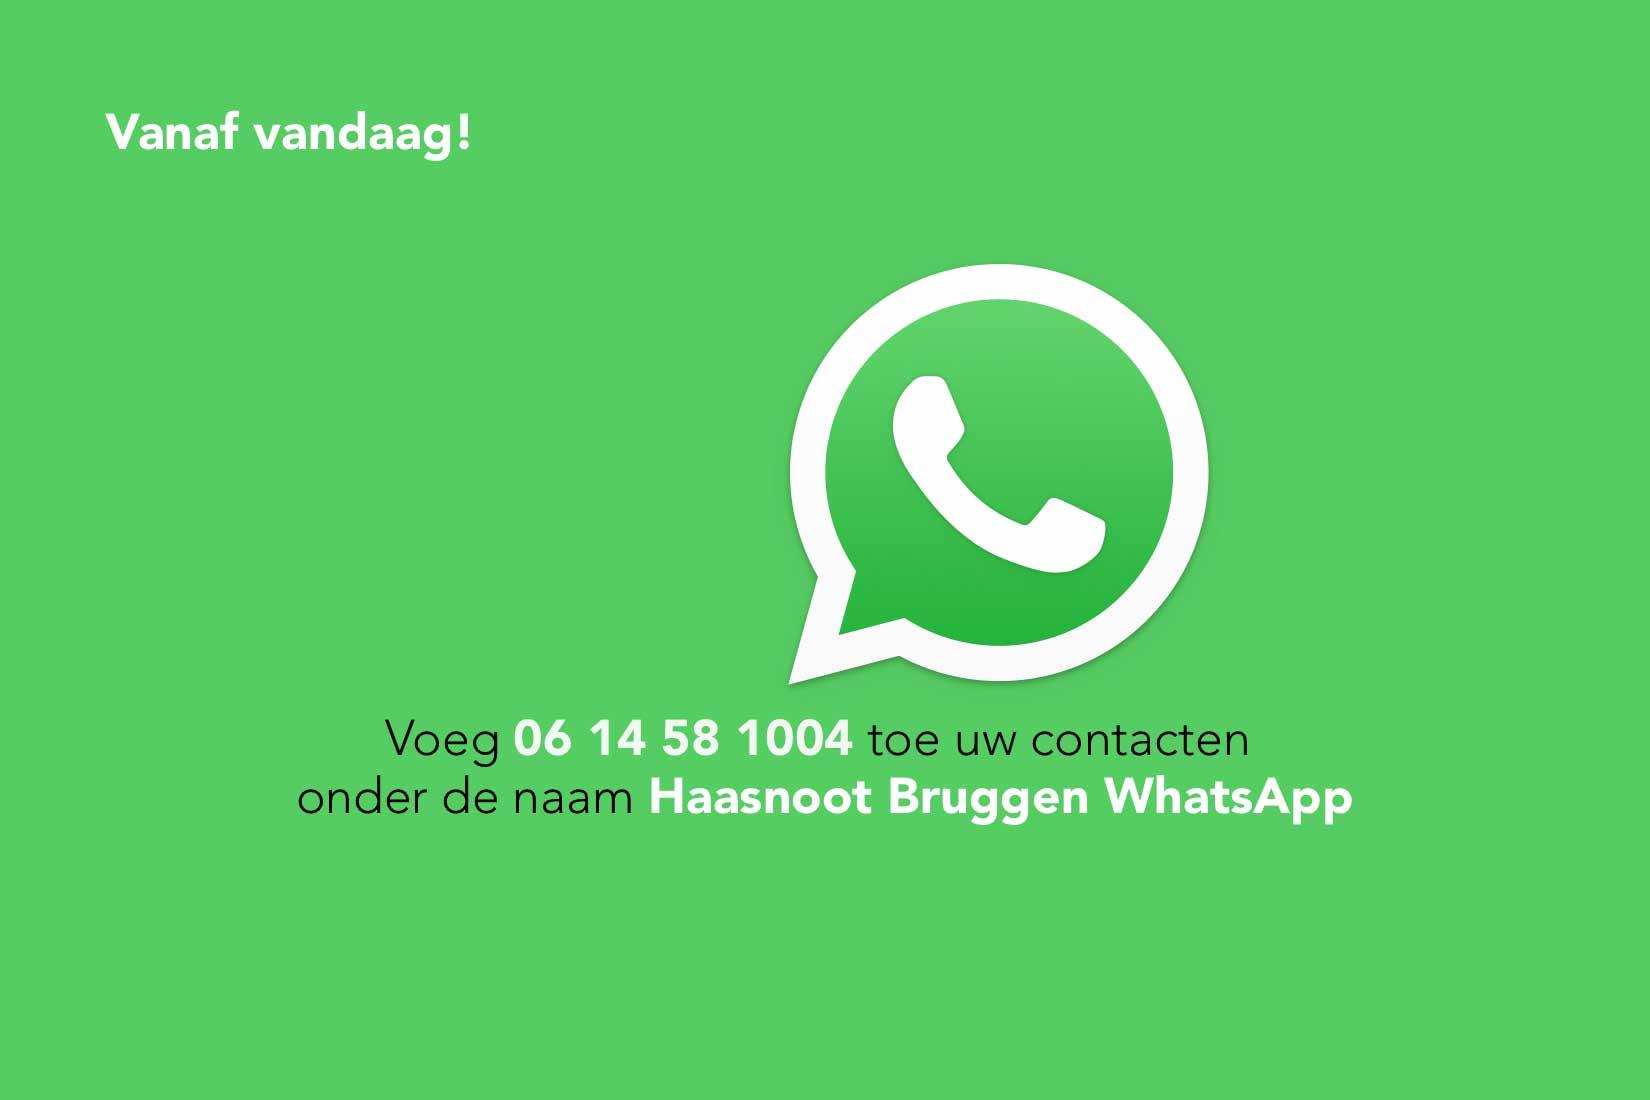 Haasnoot Bruggen gebruikt vanaf vandaag WhatsApp voor haar klanten.